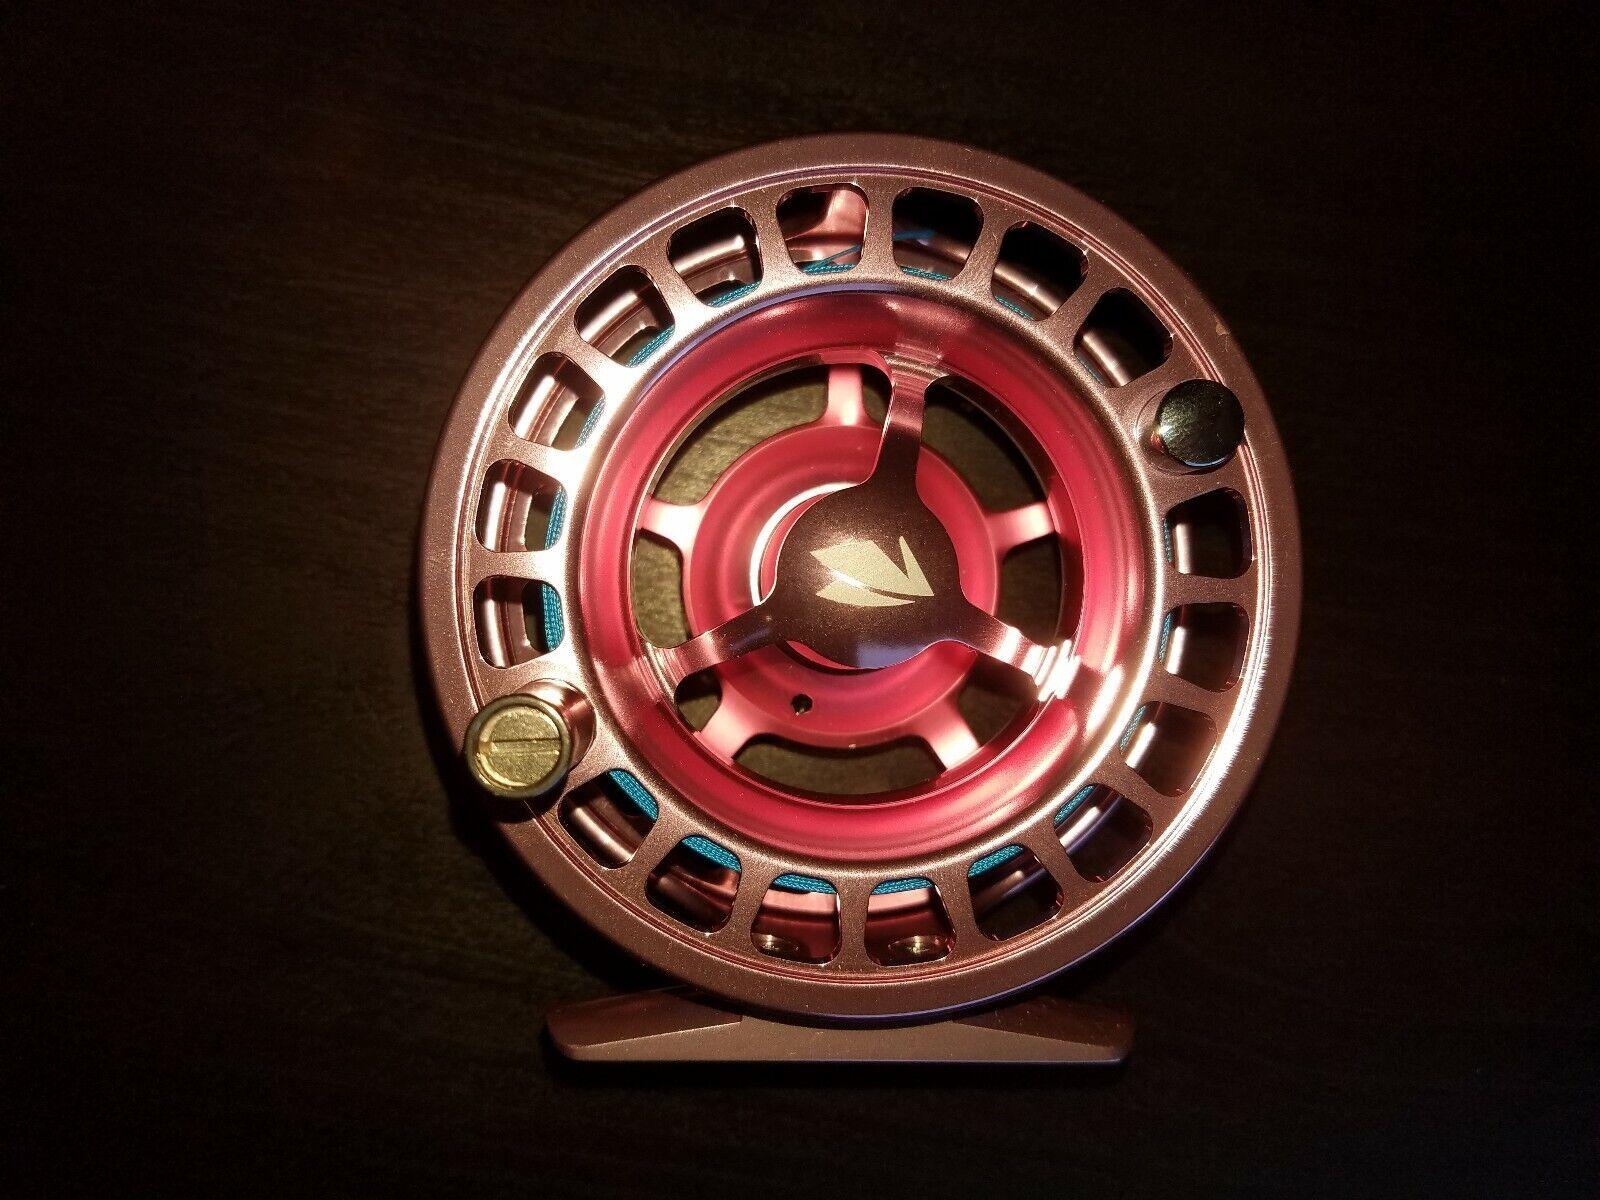 Sage 3260 5 Gewichtstoestand, roze